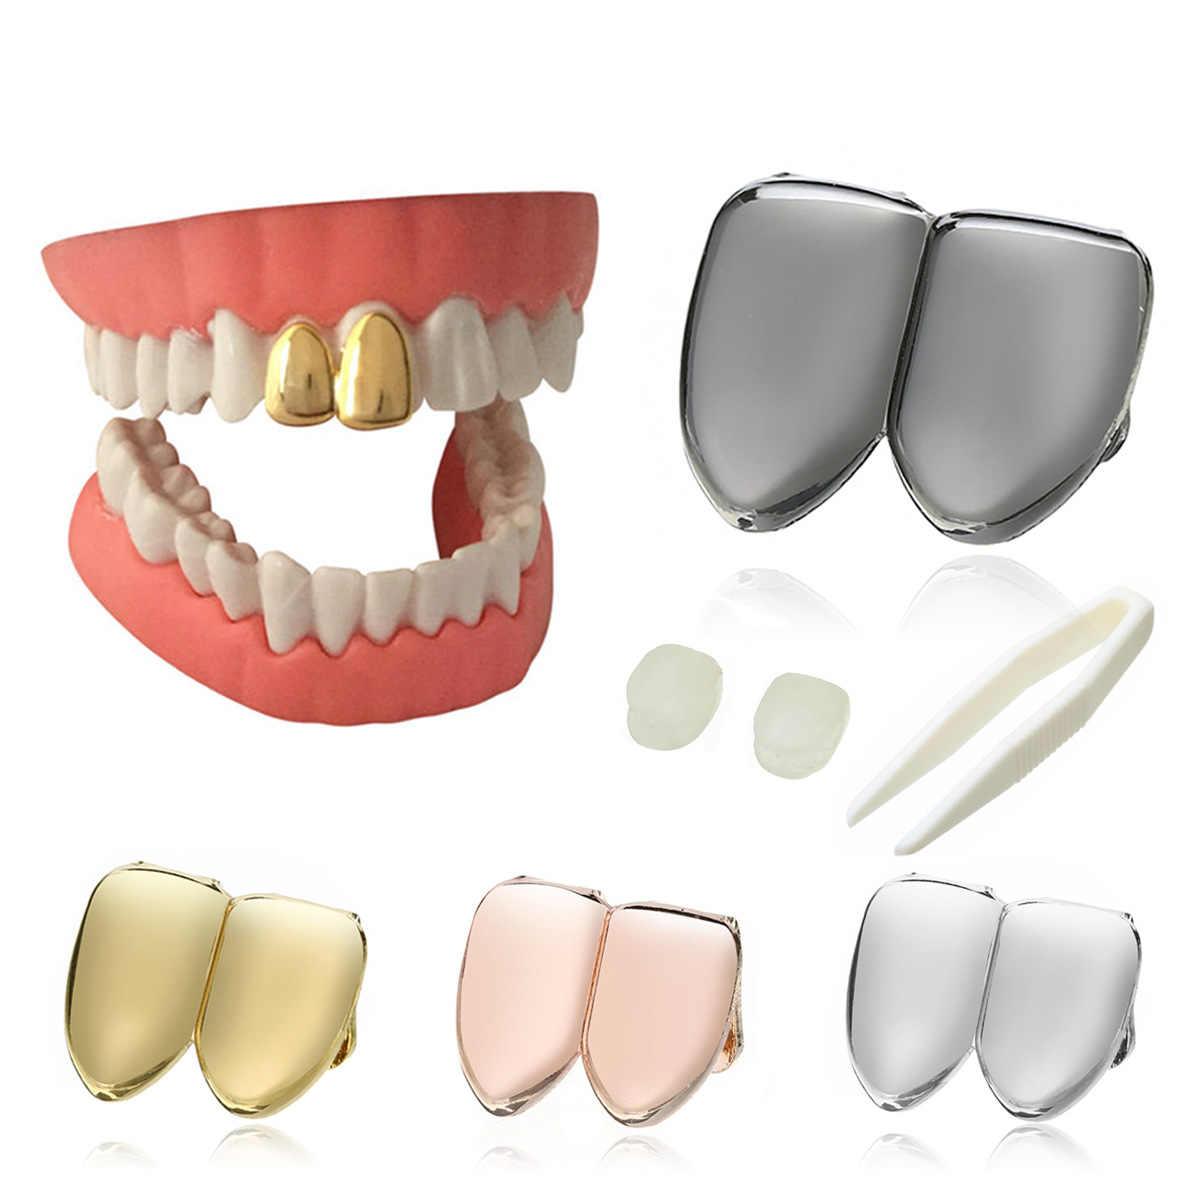 Nowy Hiphop złoto/srebro grille zęby Metal Hip hop fałszywe zęby czapki grille stomatologiczne do ust Punk zęby grillz impreza z okazji halloween biżuteria